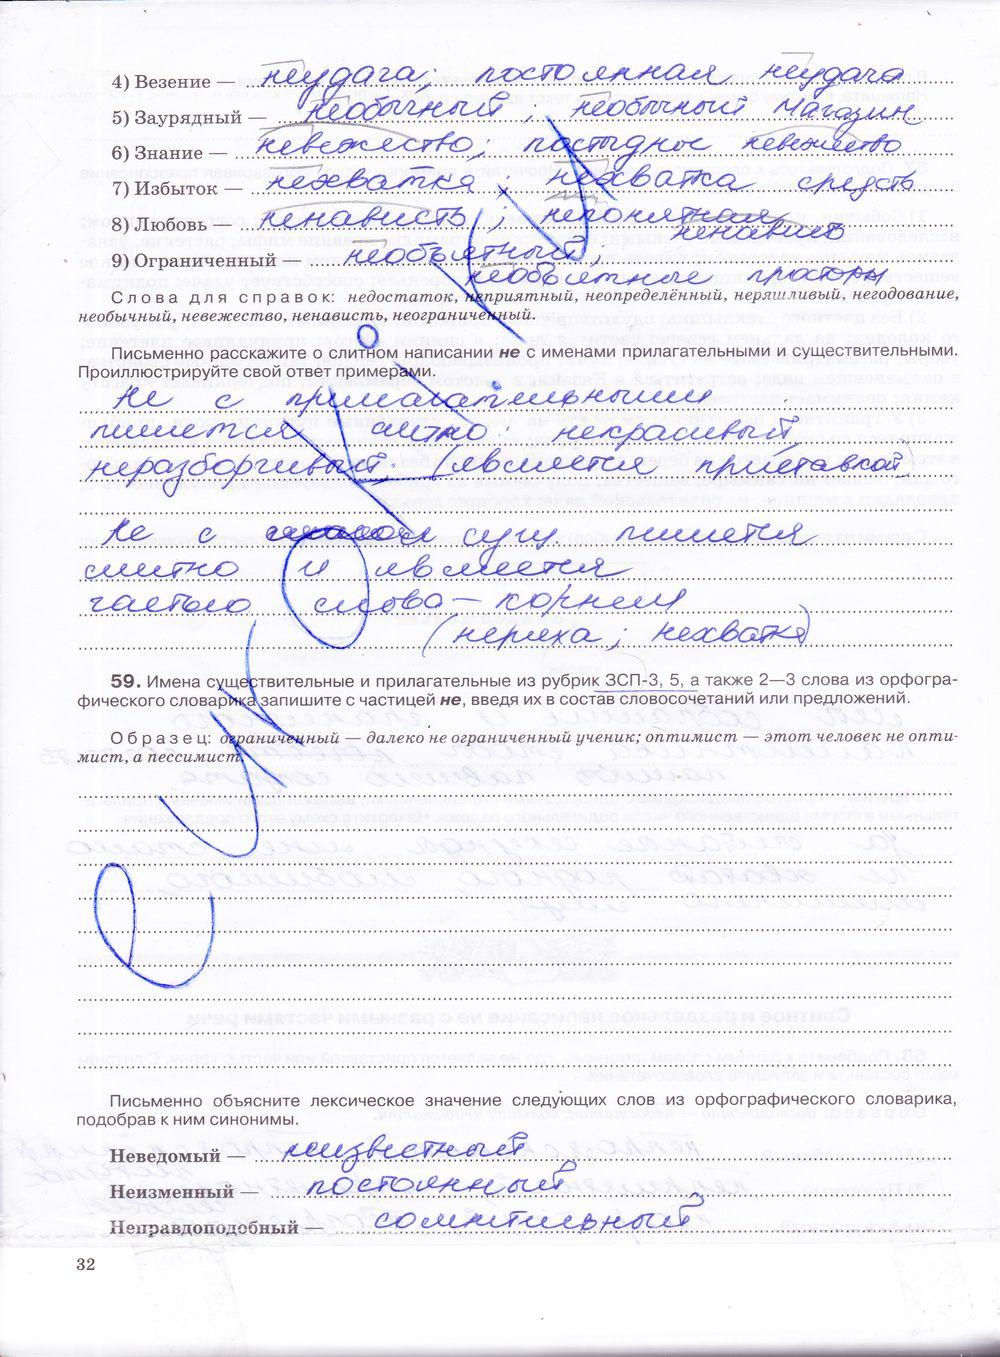 Русский язык гдз 6 класс с а лебеденко онлайн без регестрацыи